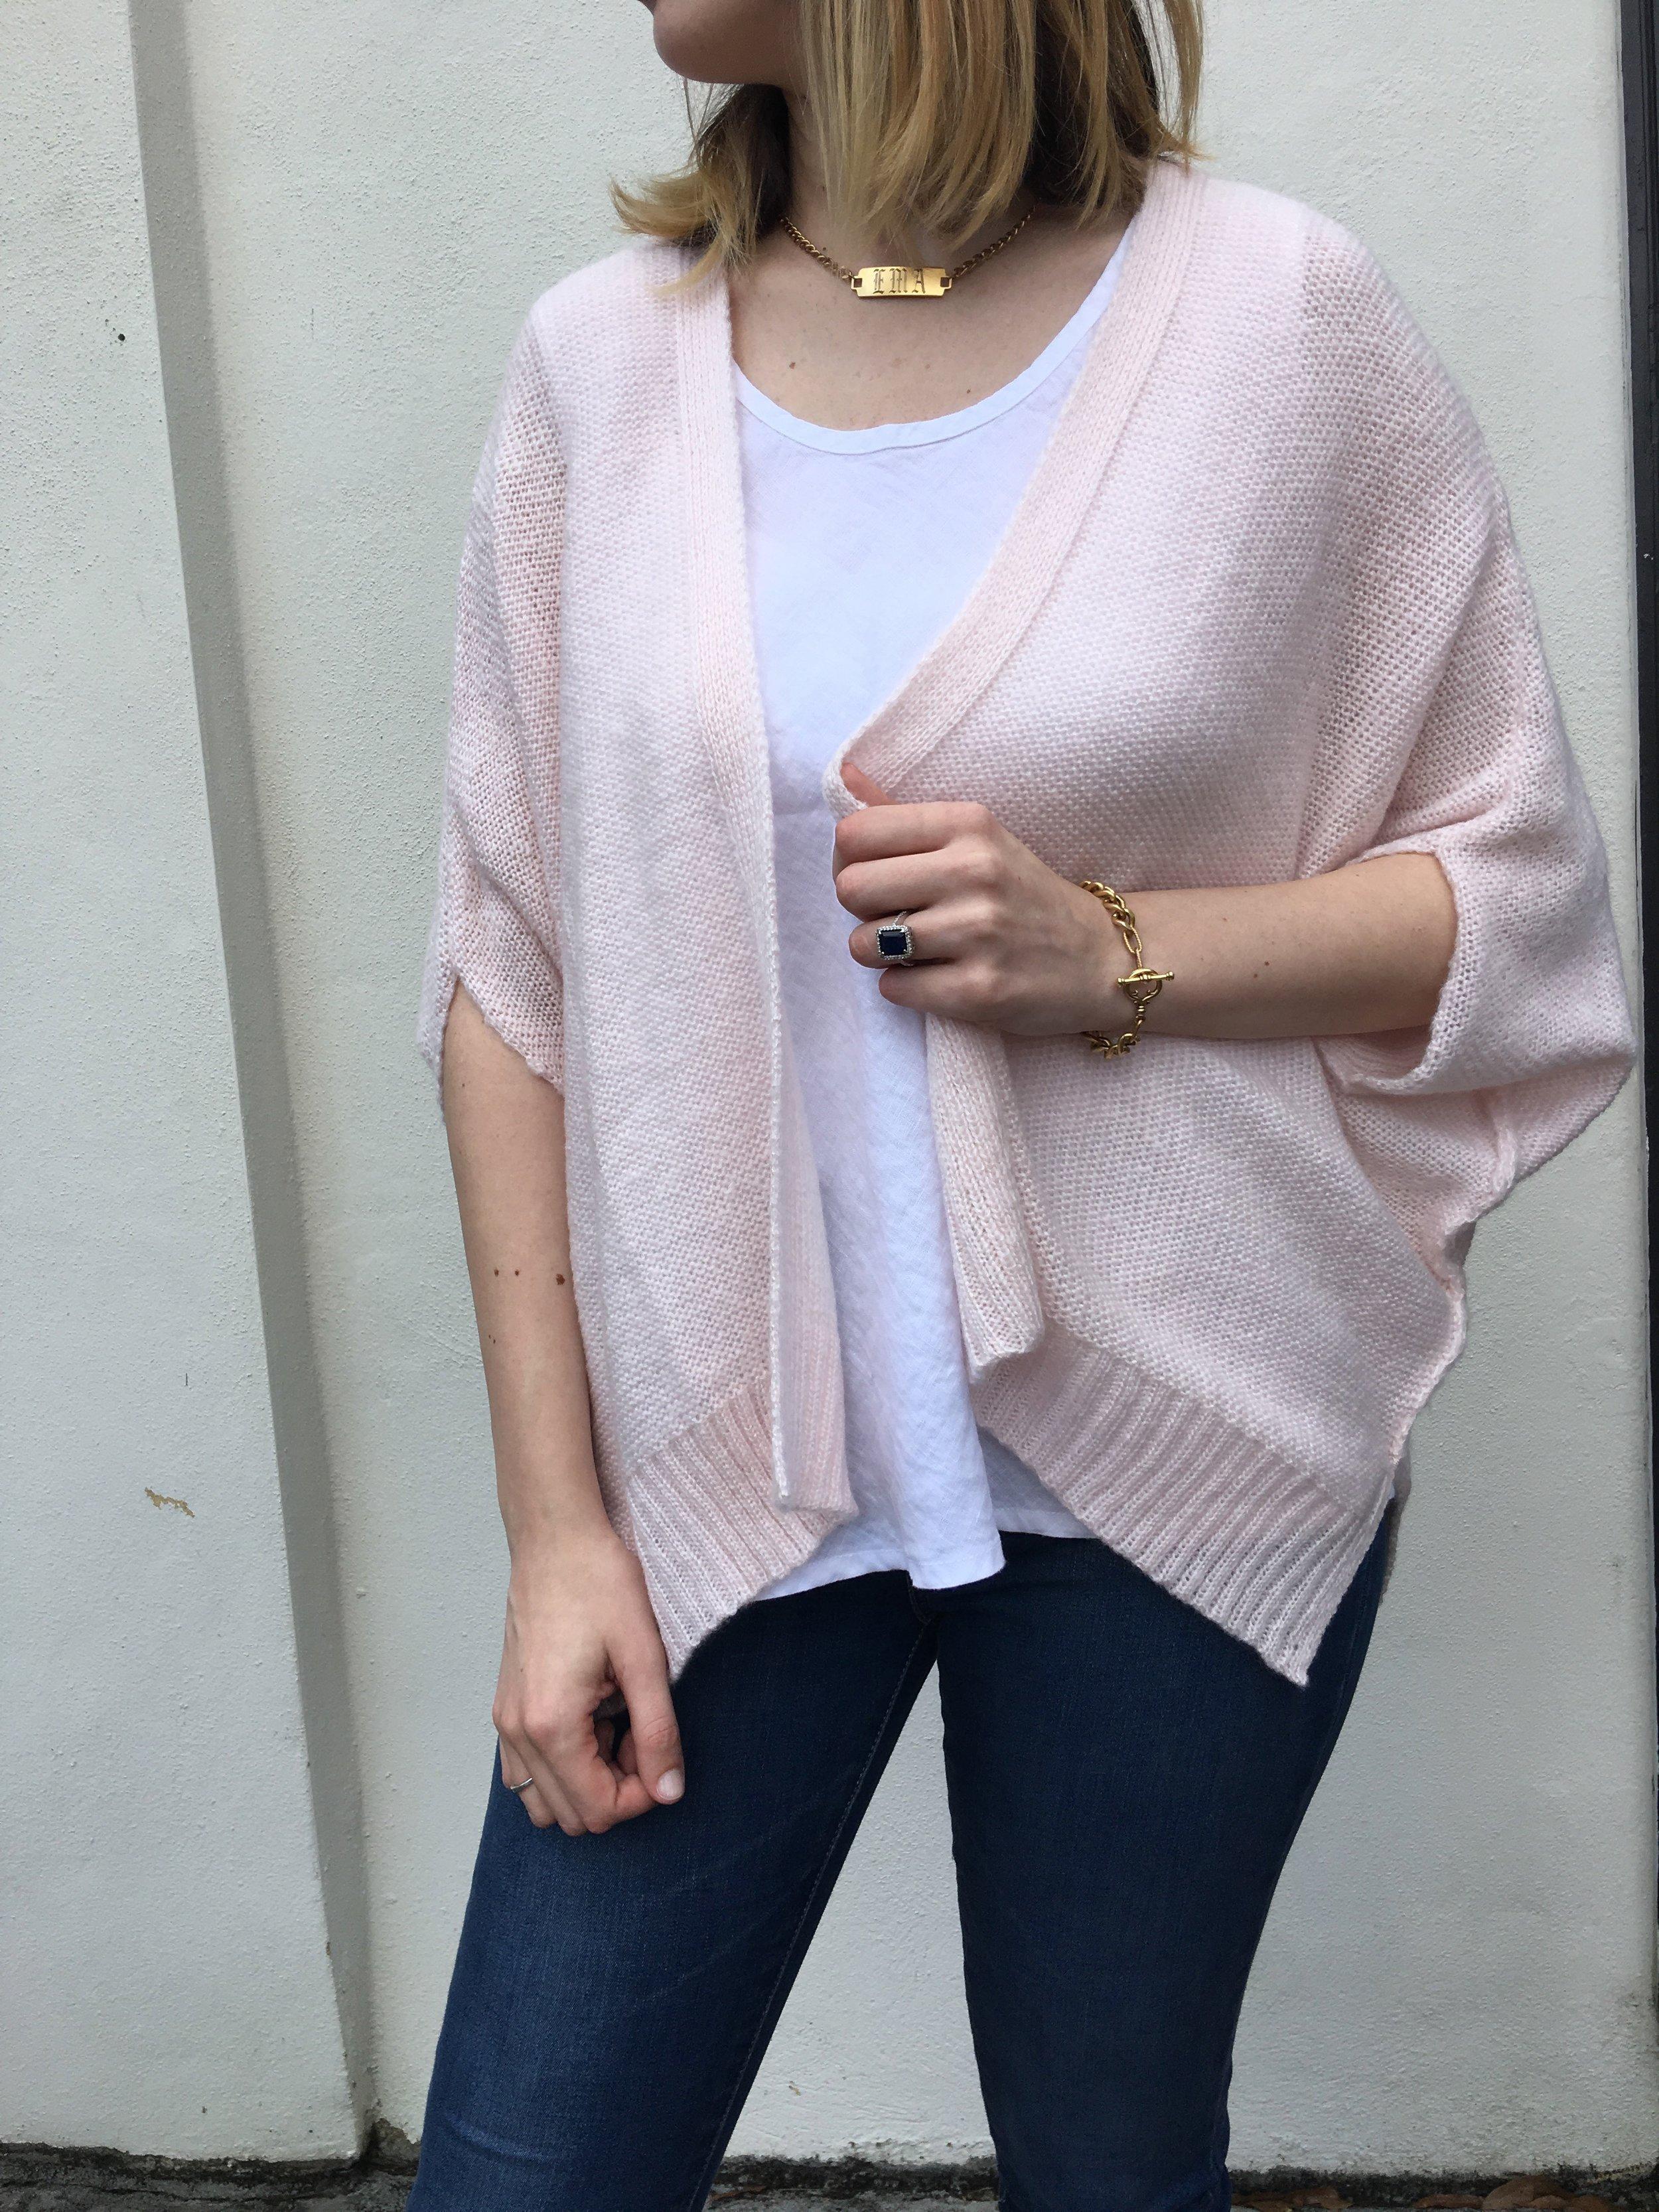 blush sweater shrug for spring